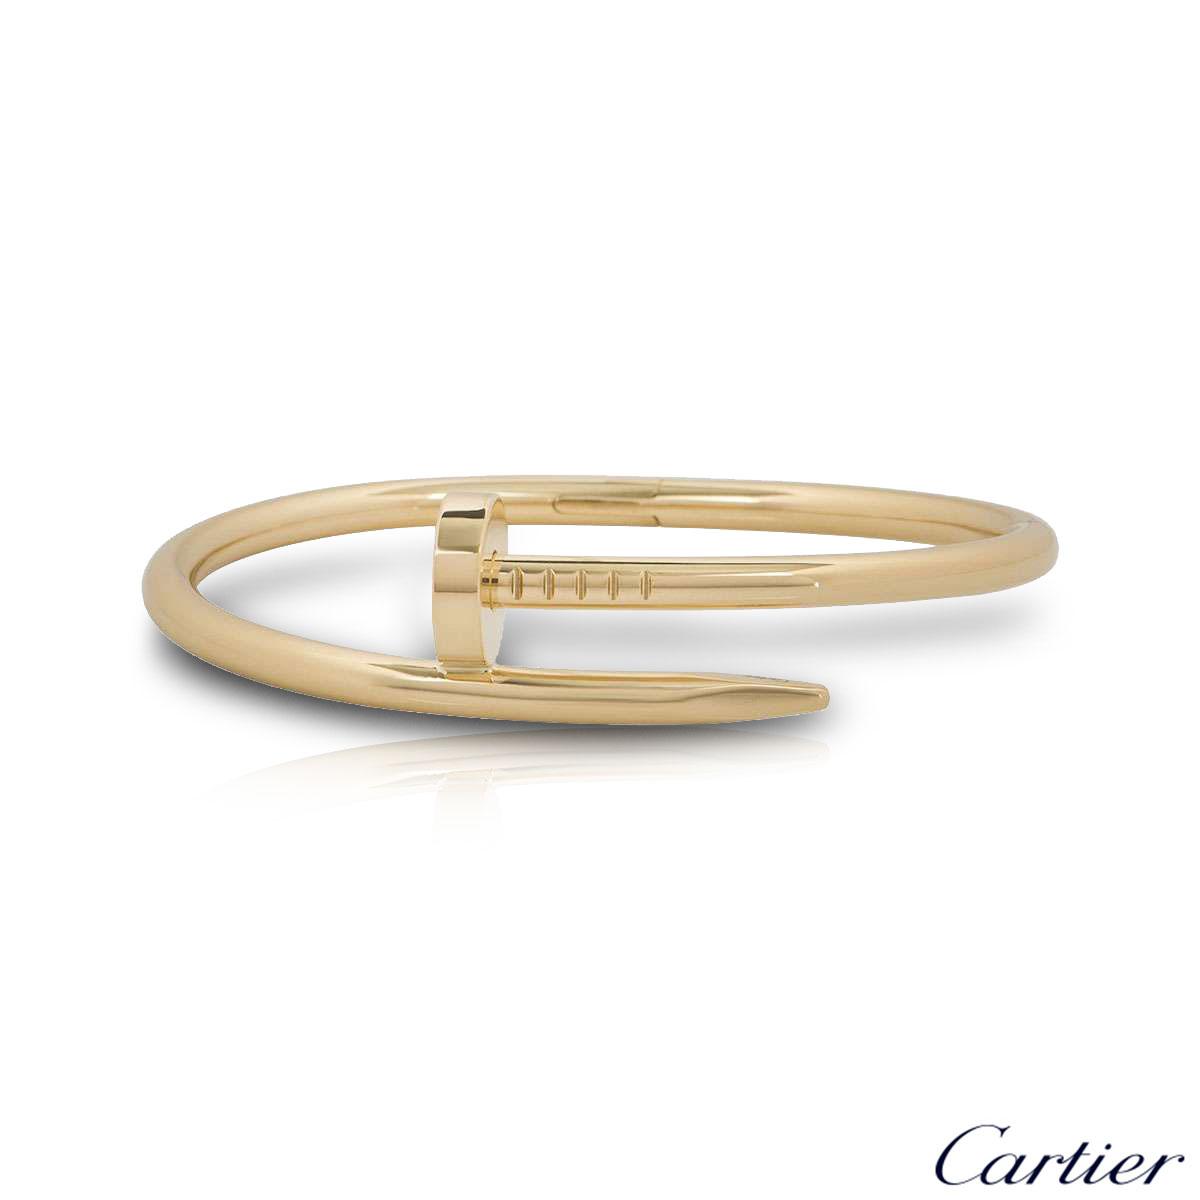 Cartier Yellow Gold Plain Juste Un Clou Bracelet Size 16 B6048216